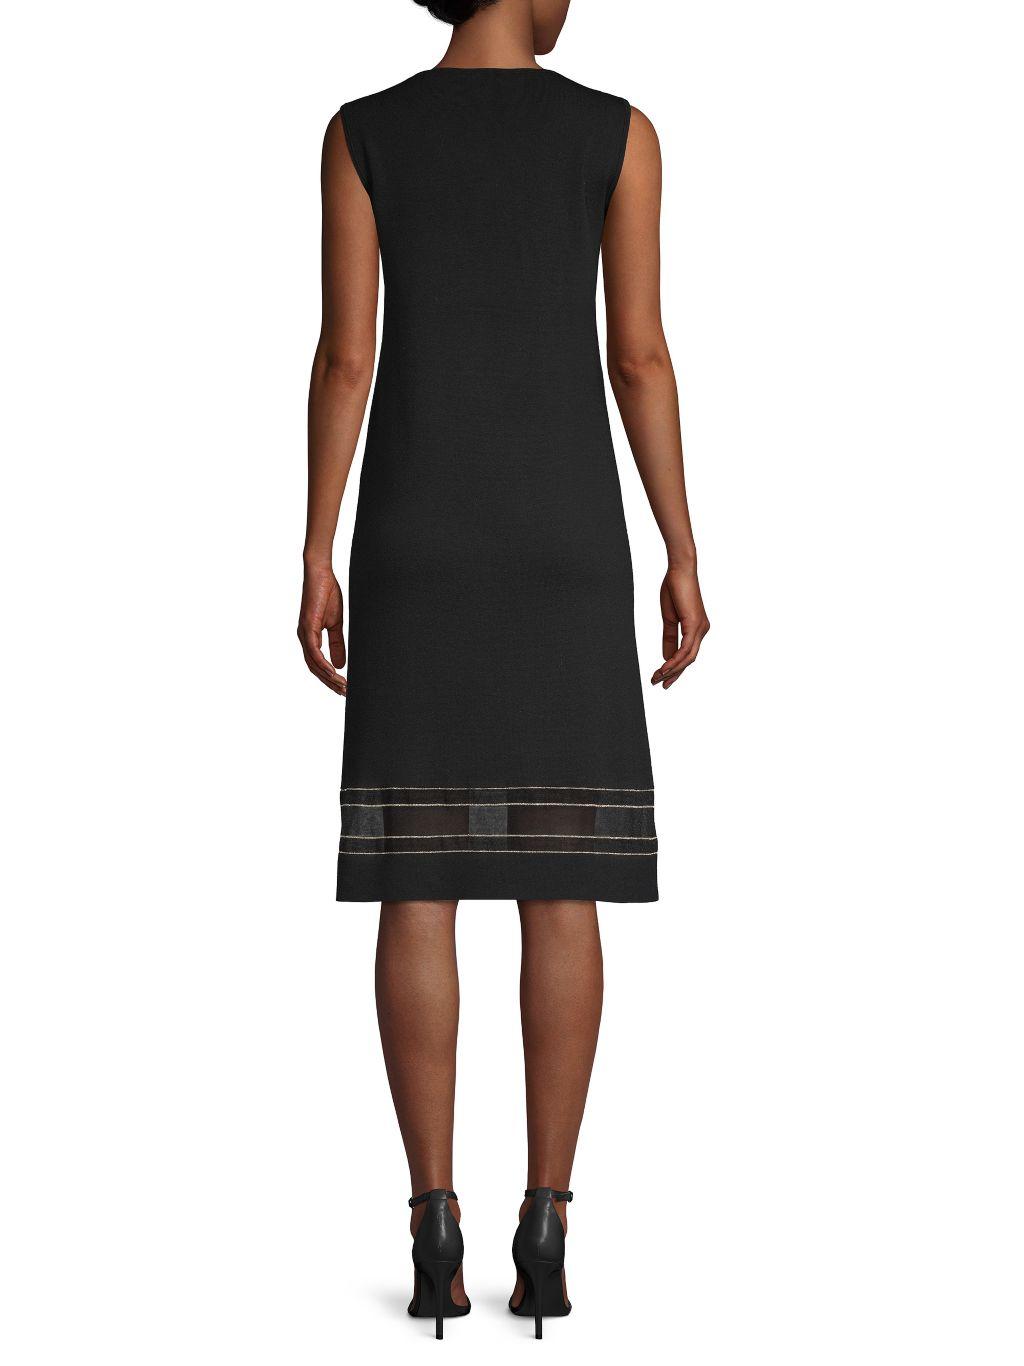 Lafayette 148 New York Sleeveless Shift Dress